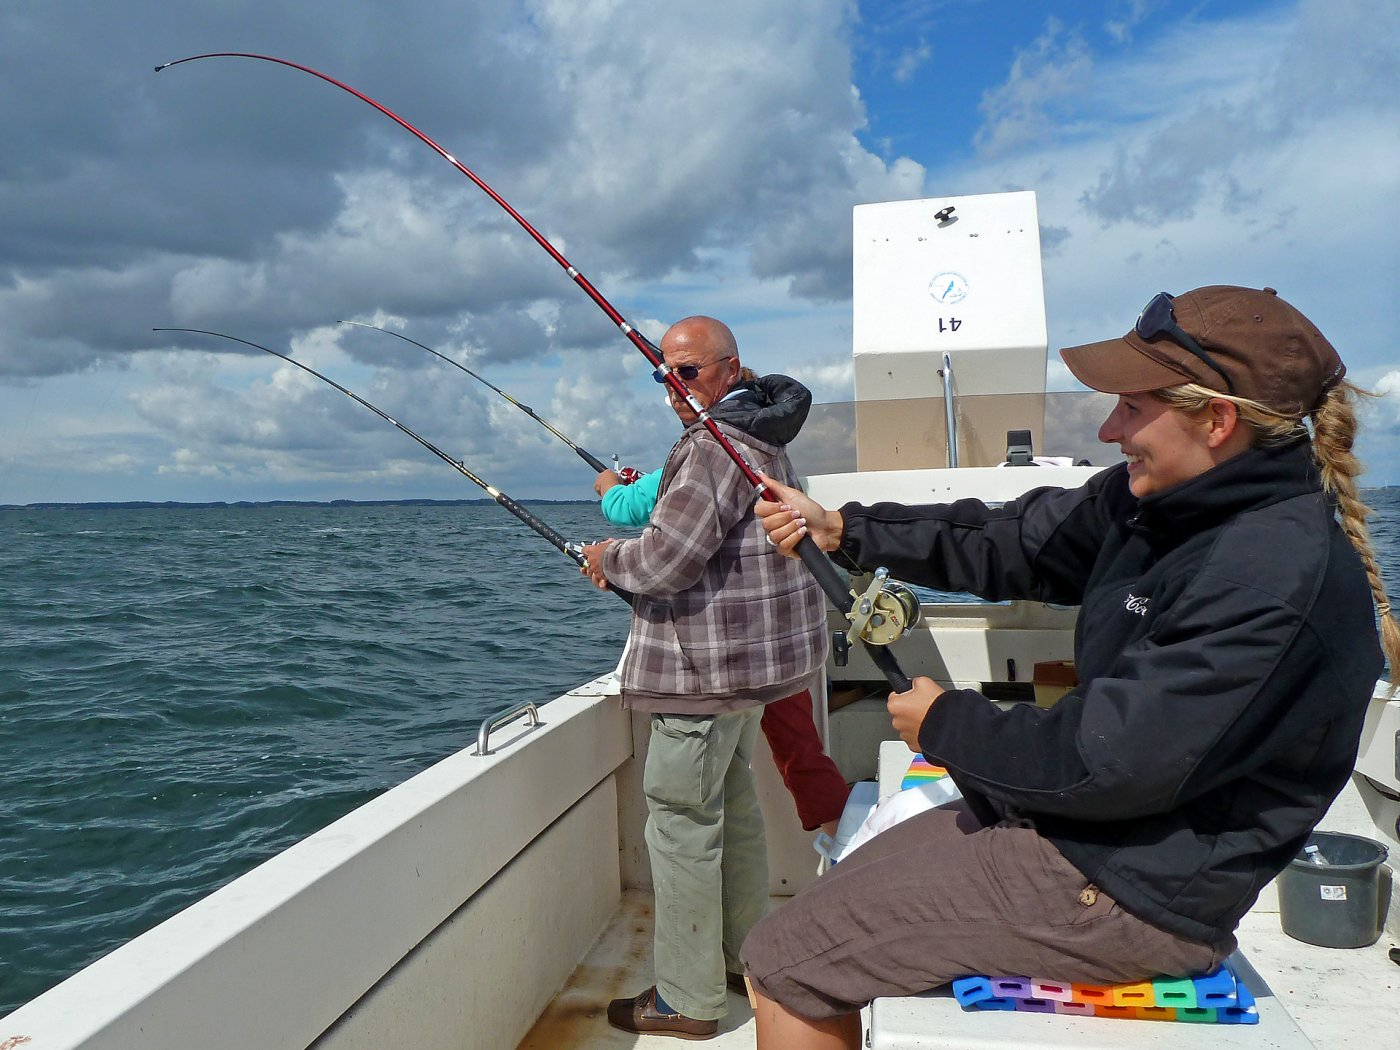 Anglerin drillt Dorsch vor Langeland